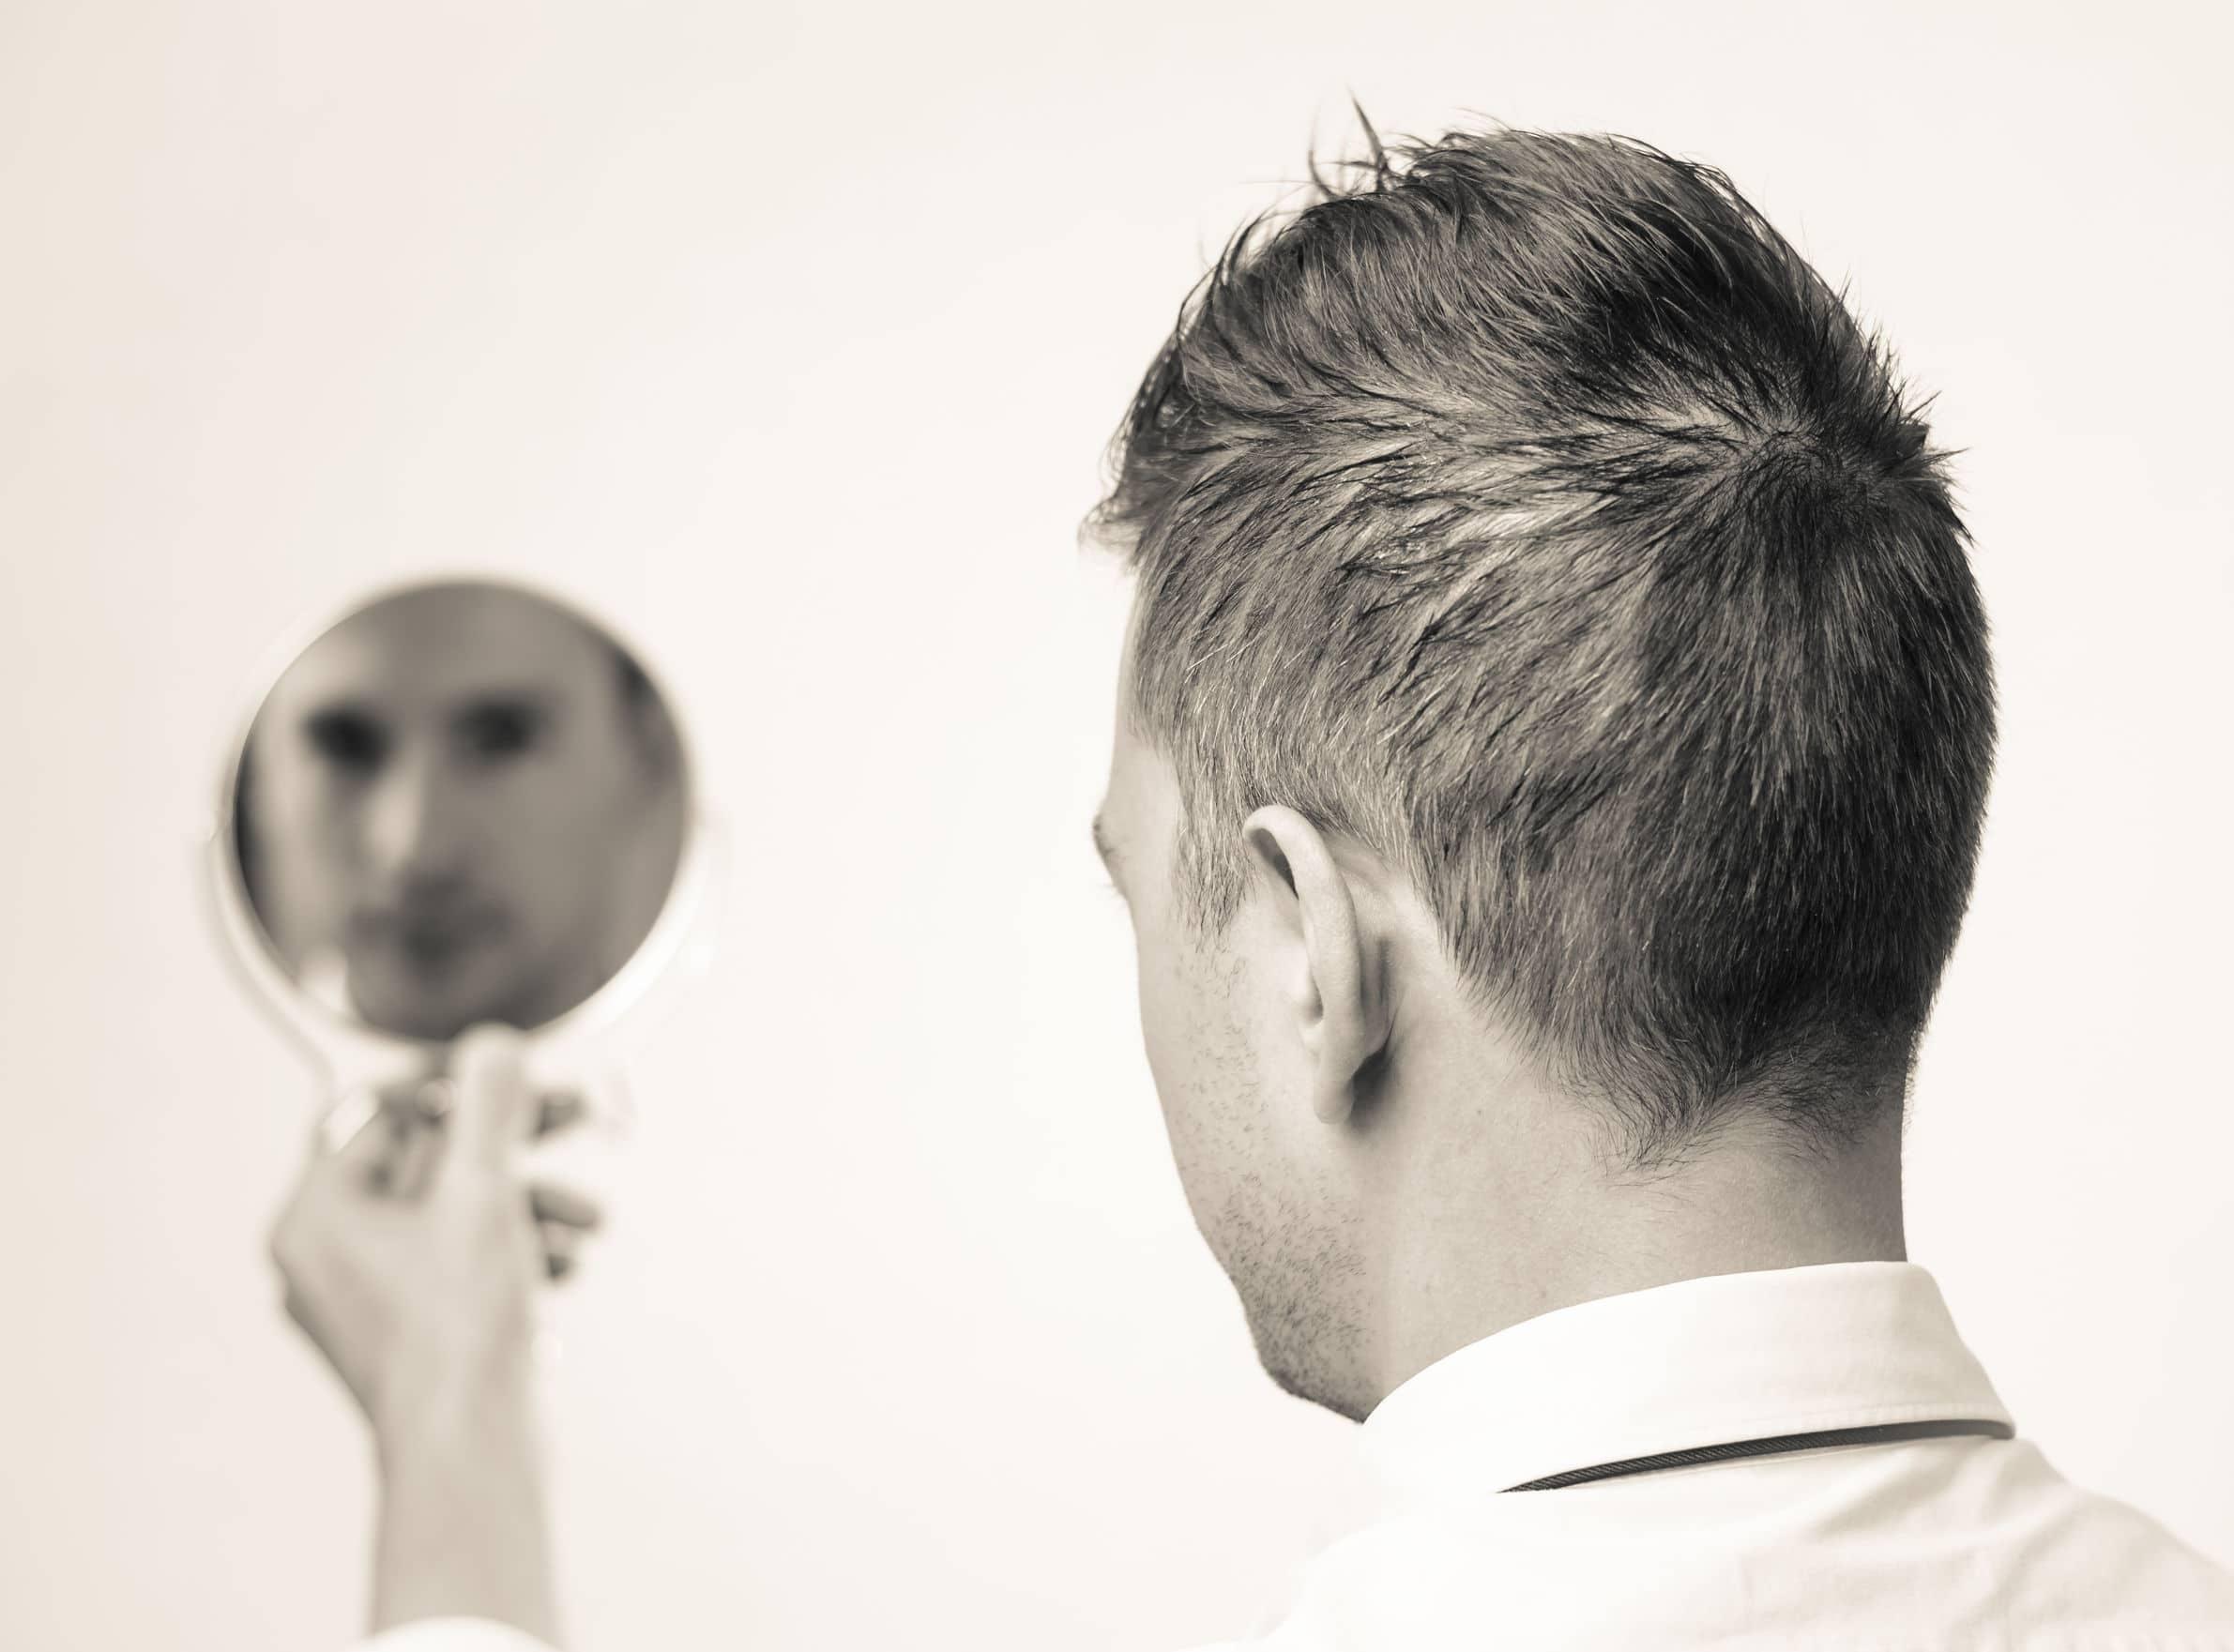 Homem se olhando no espelho.